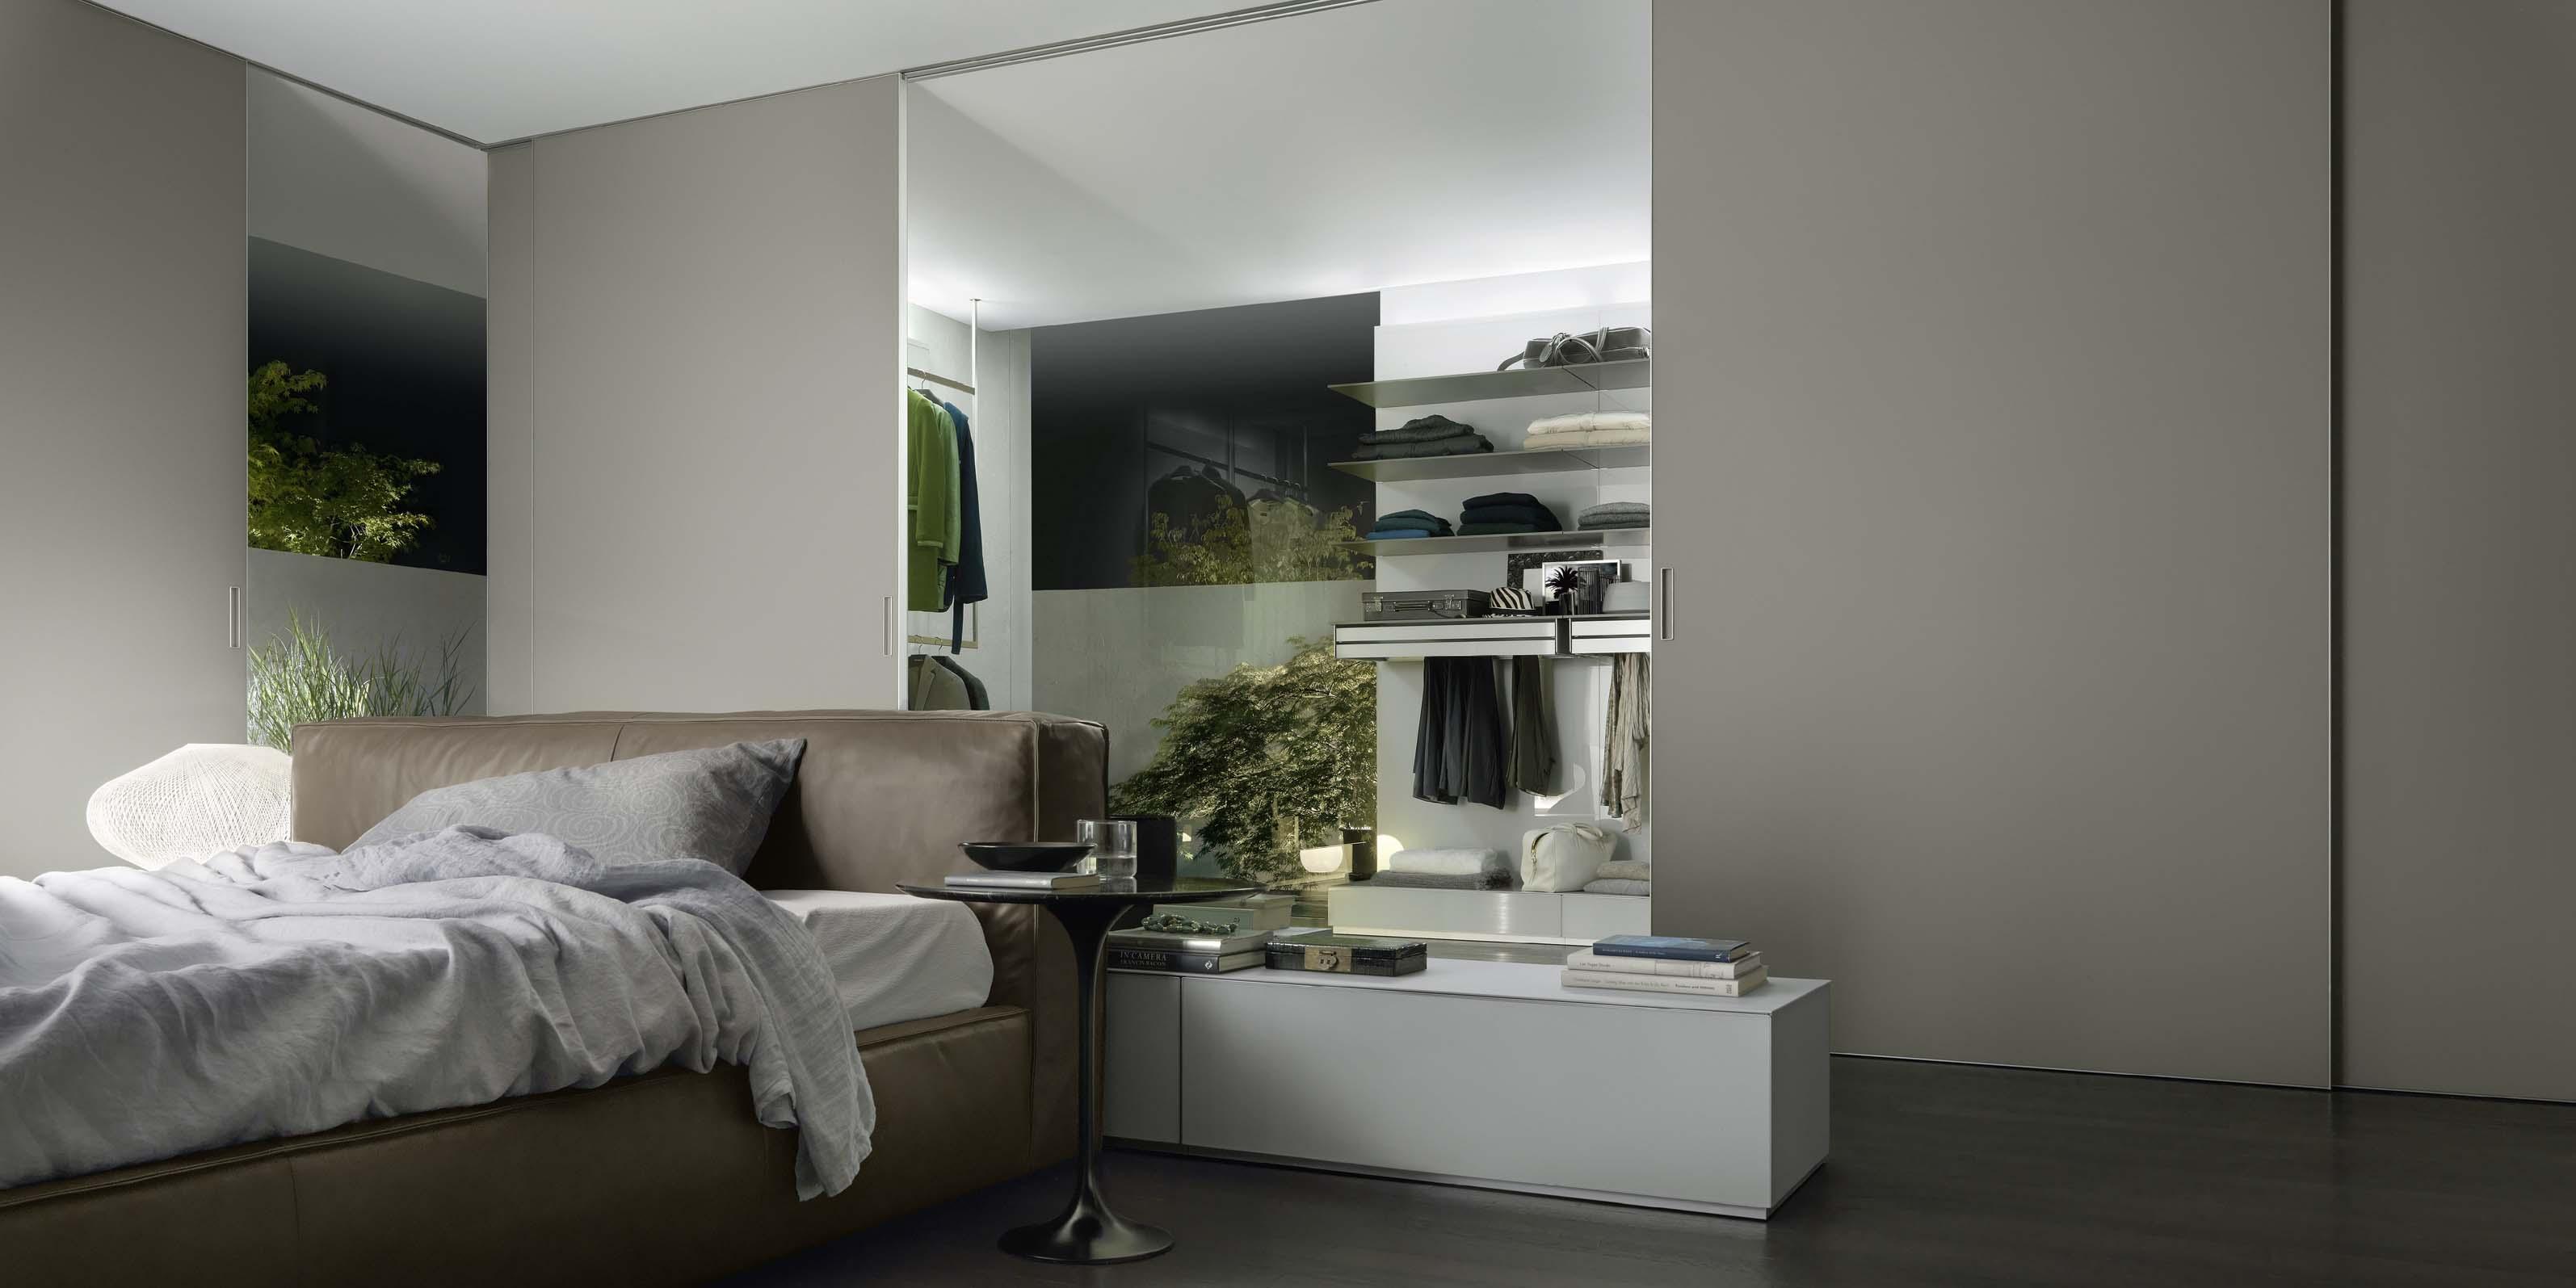 puertas correderas de suelo a techo en vestidor comunicado con el dormitorio